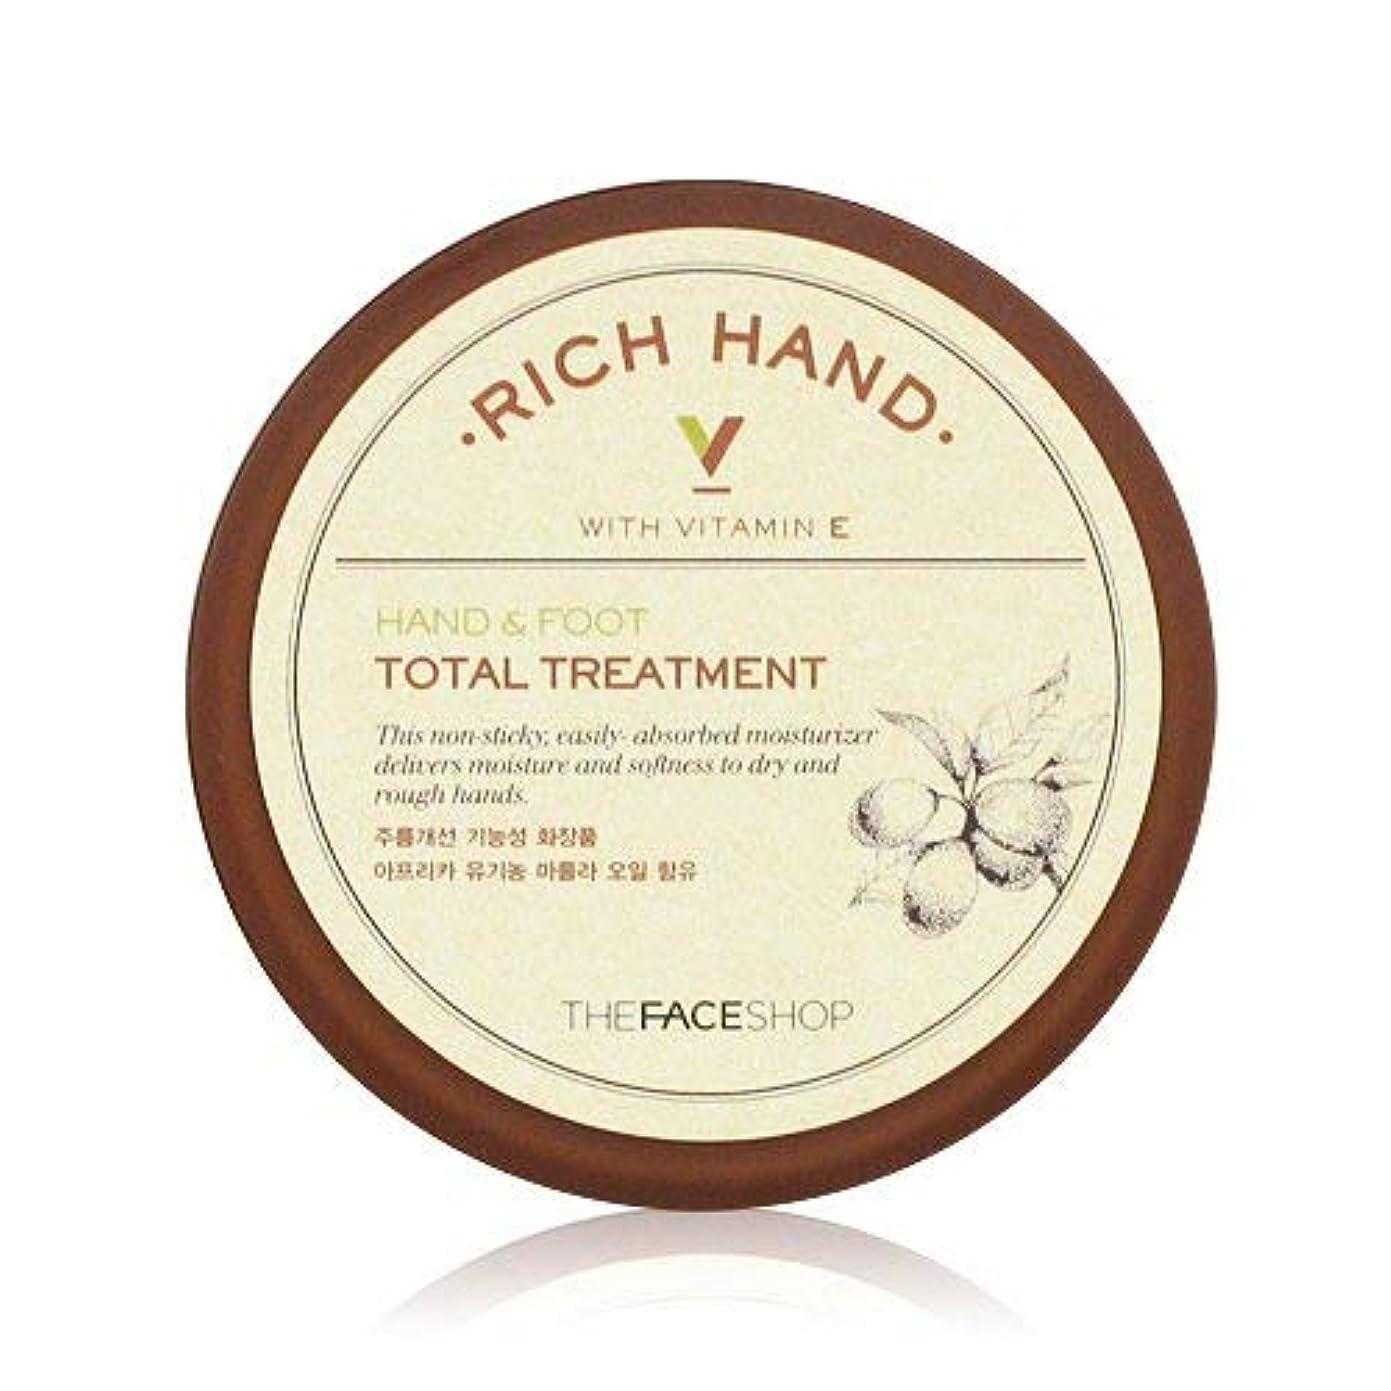 政策小切手学部THE FACE SHOP Rich Hand V Hand and Foot Total Treatment ザフェイスショップ リッチハンド V ハンド? フット トータルトリートメント [並行輸入品]